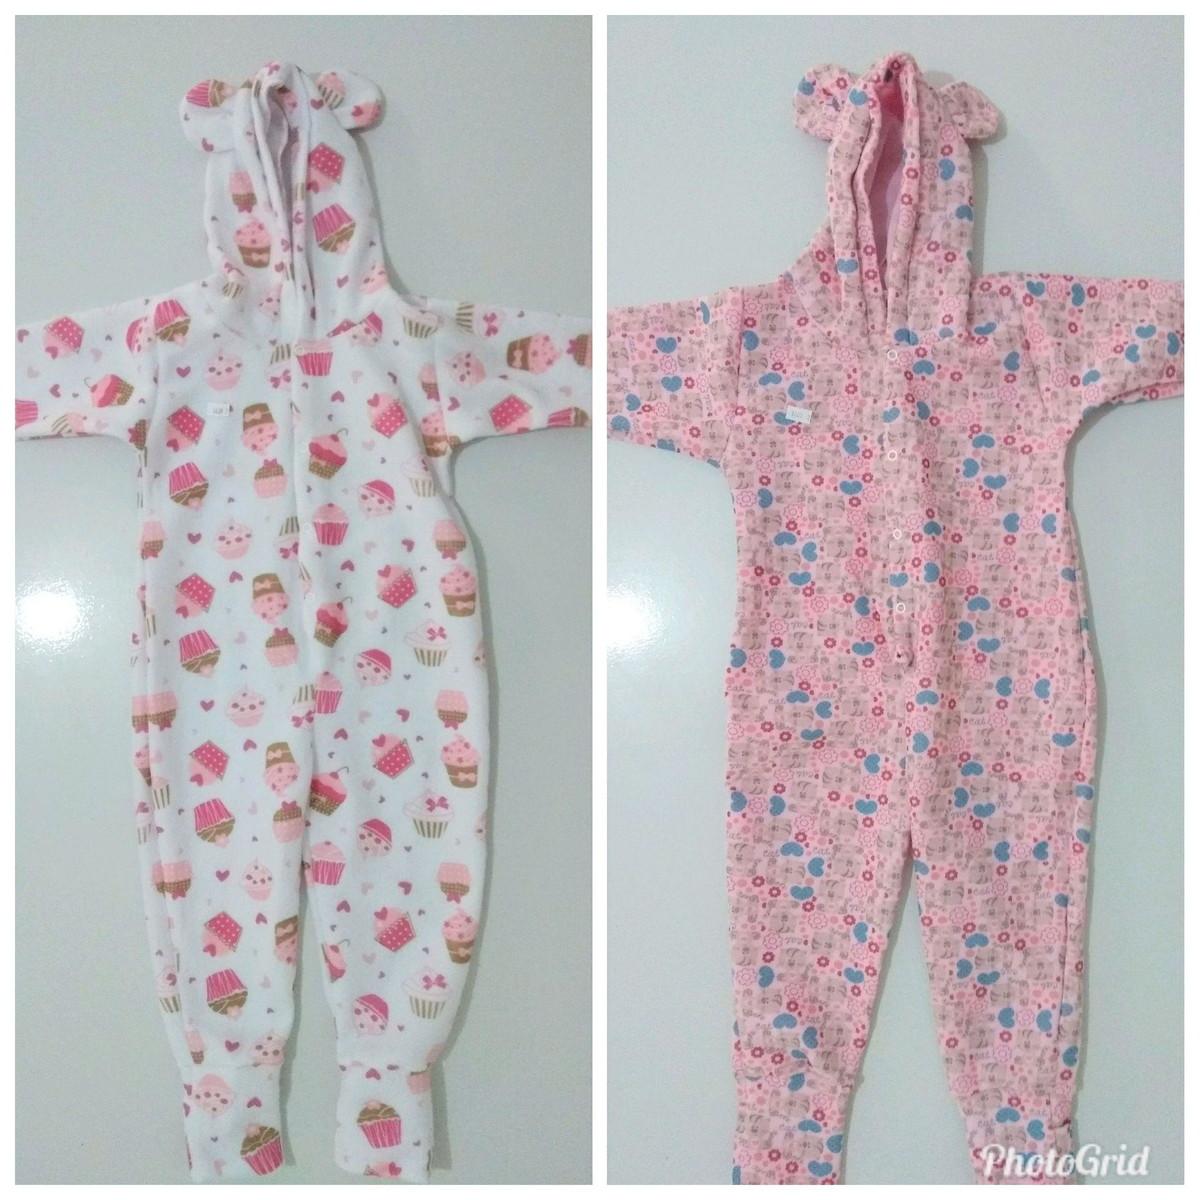 f94599a5dd50da Tam 1, 2, 3 Macacão pijama soft com capuz orelhinha feminino